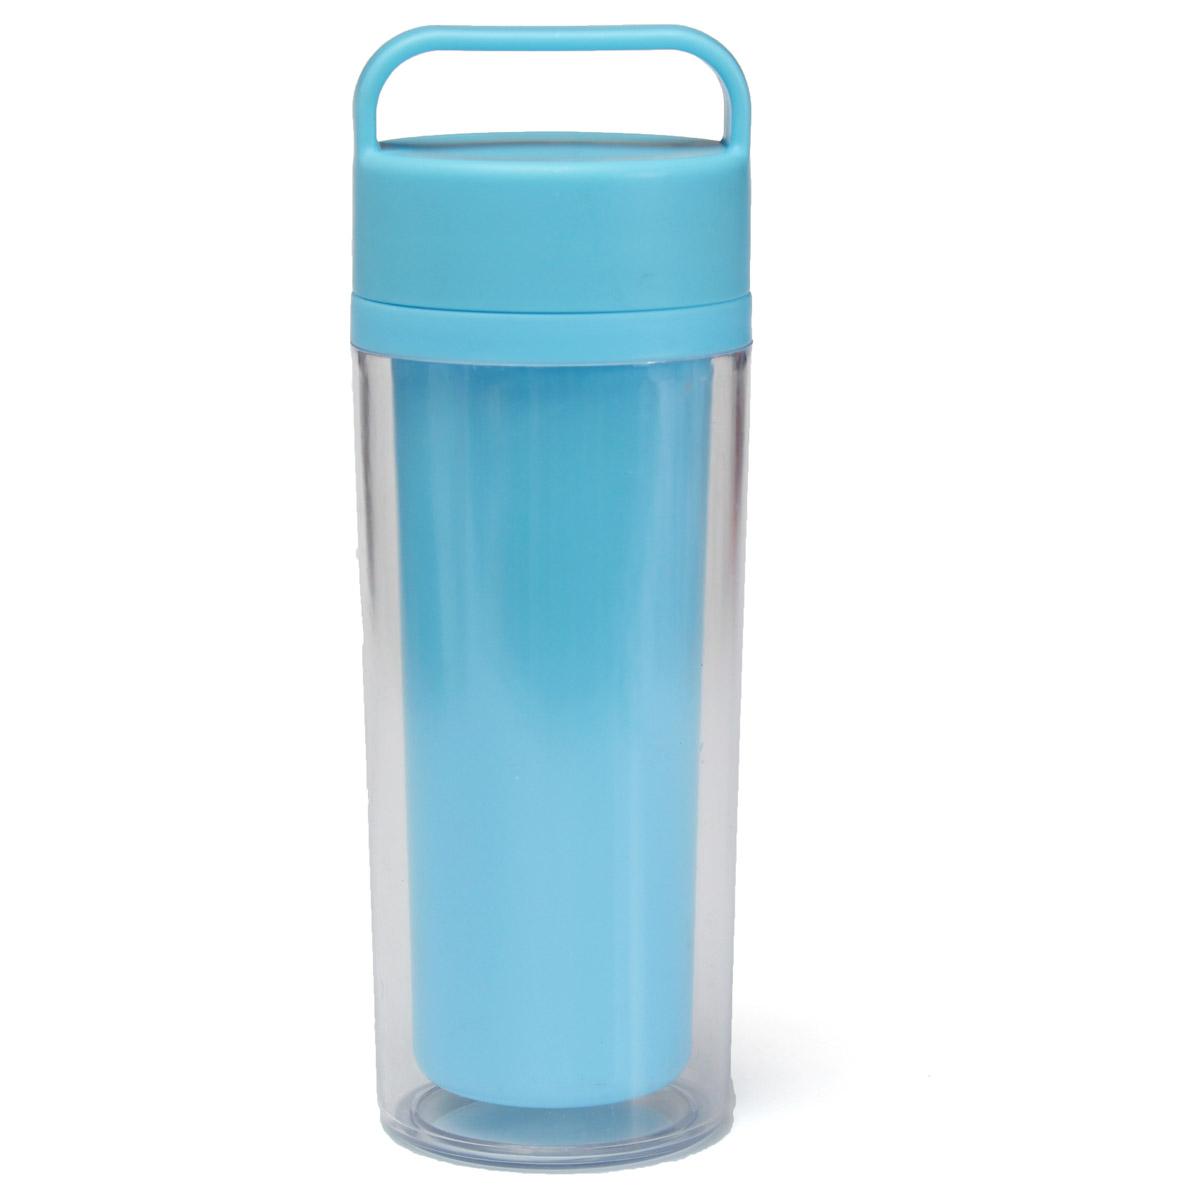 12oz Double Wall Water Bottle Insulated Portable Travel  sc 1 st  Castrophotos & Portable Tea Mug - Castrophotos